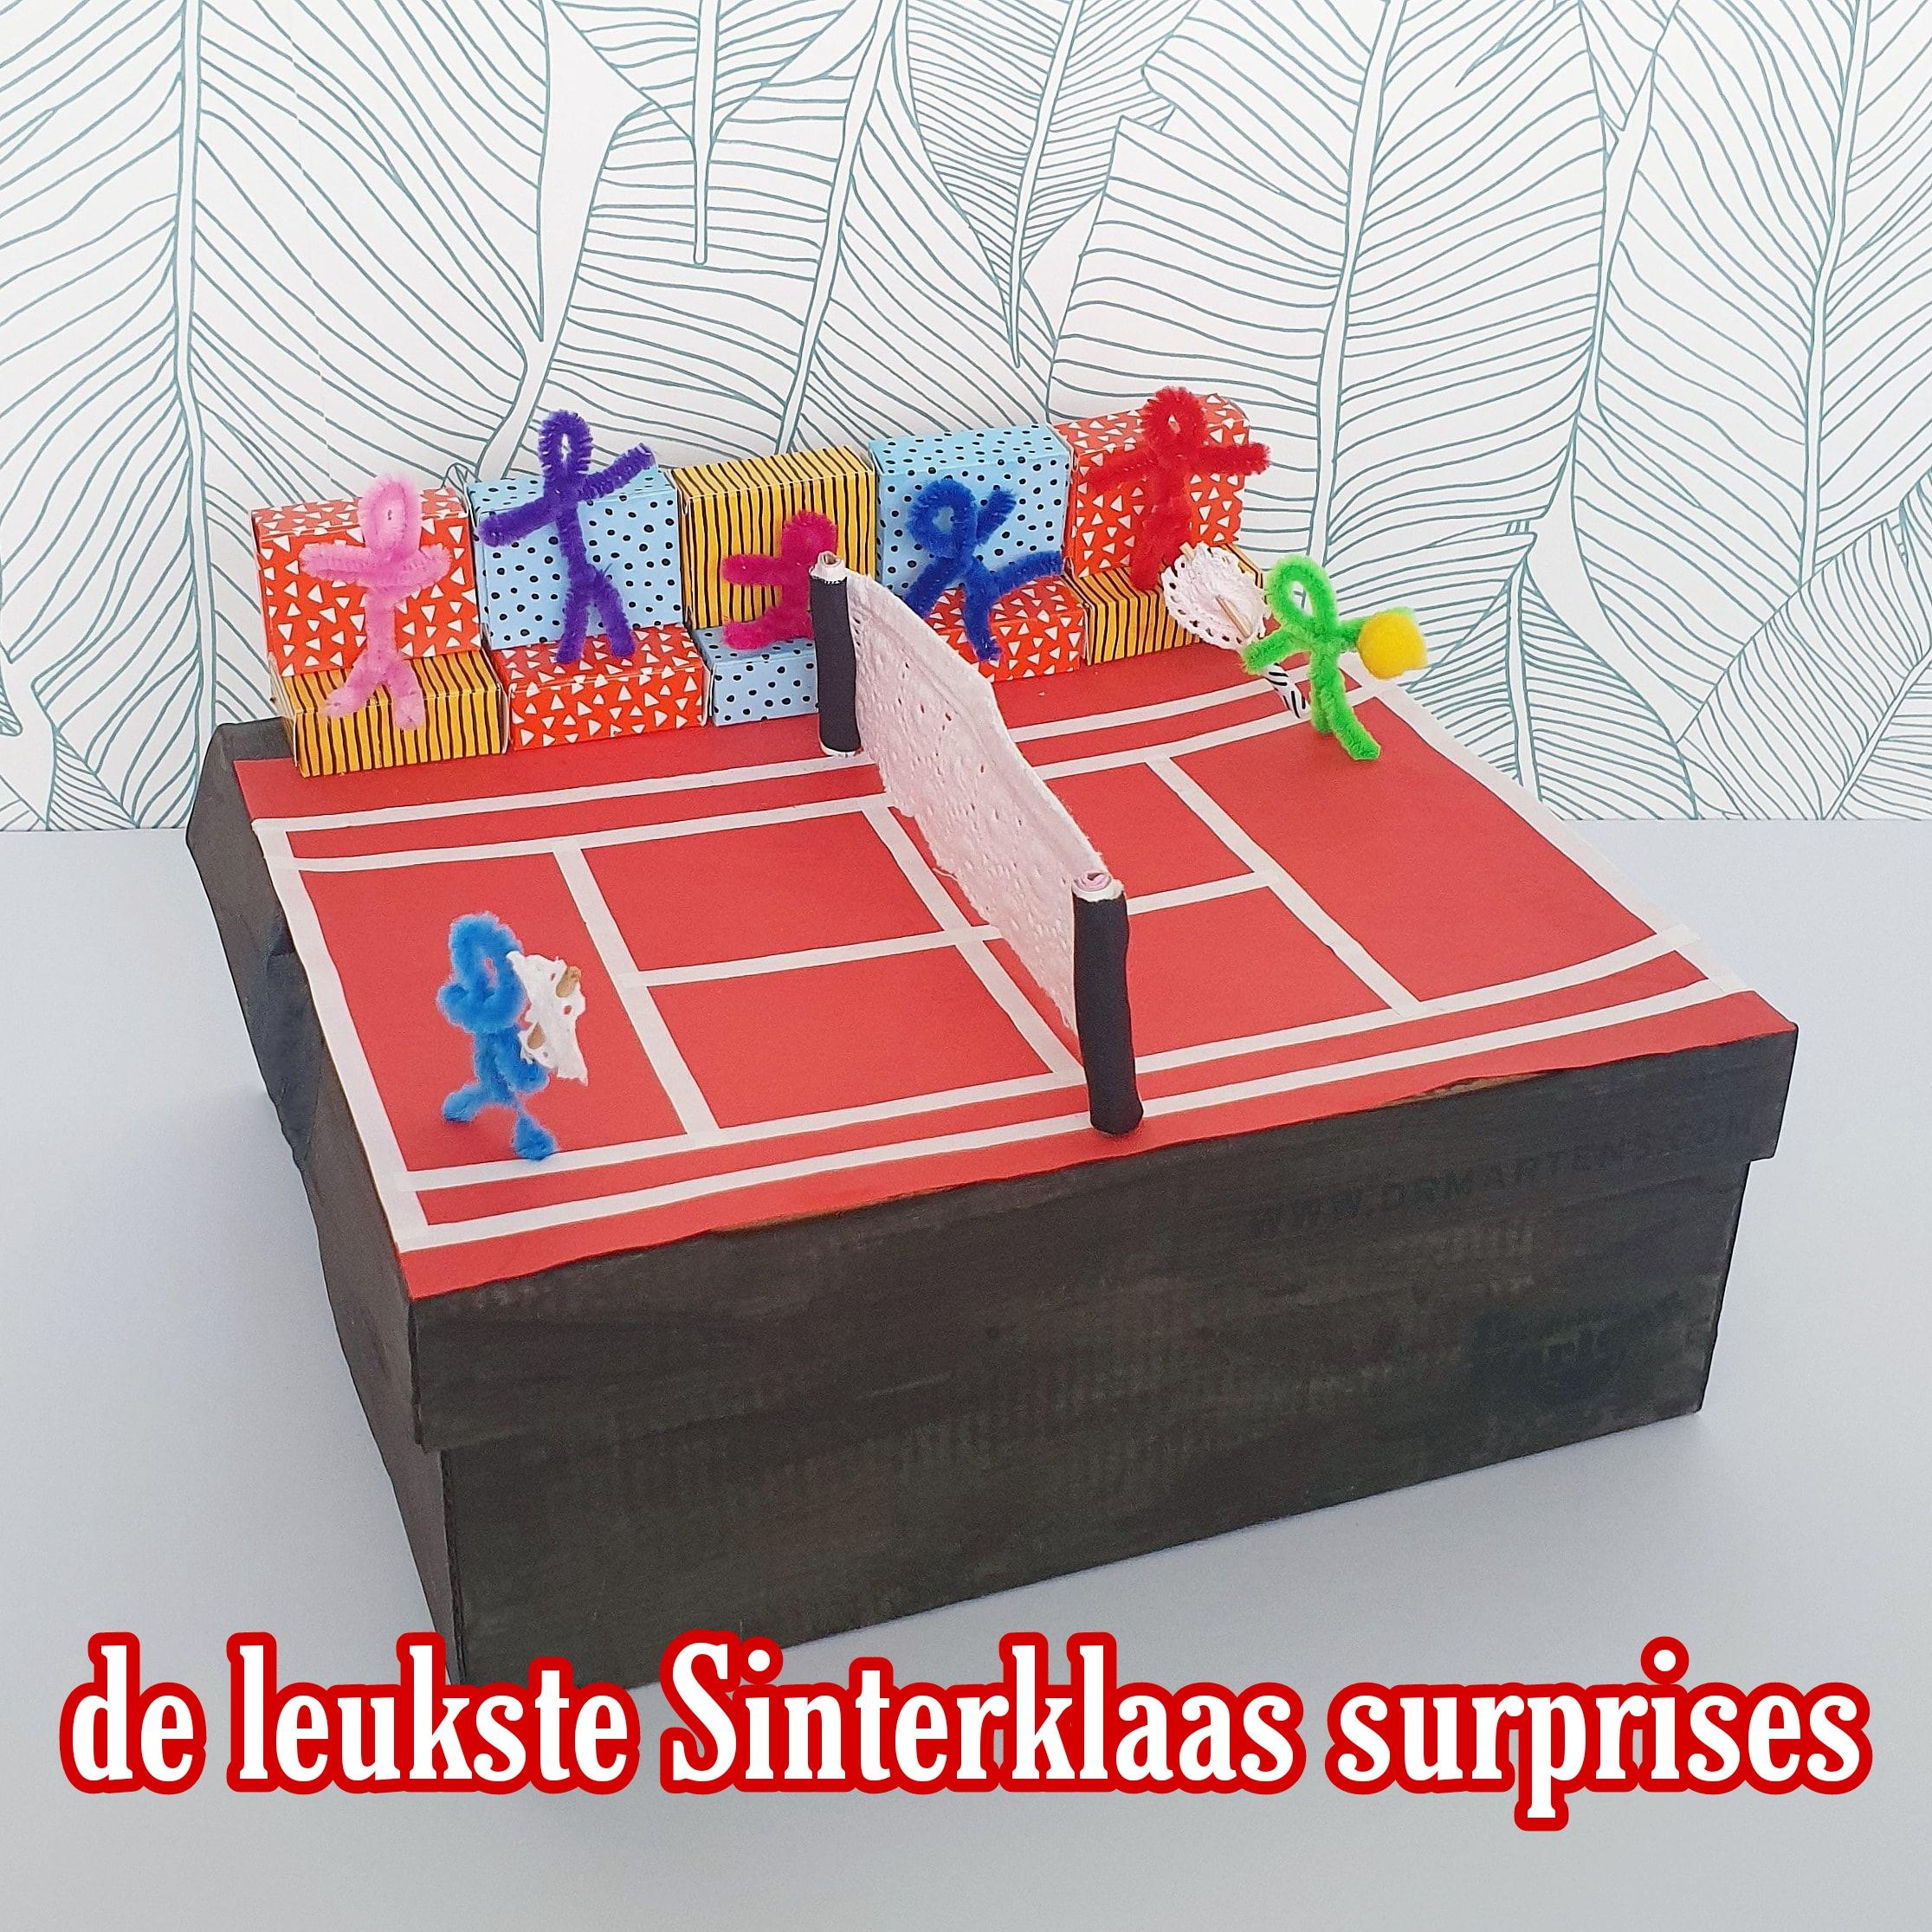 Sinterklaas surprise knutselen: heel veel leuke ideeën